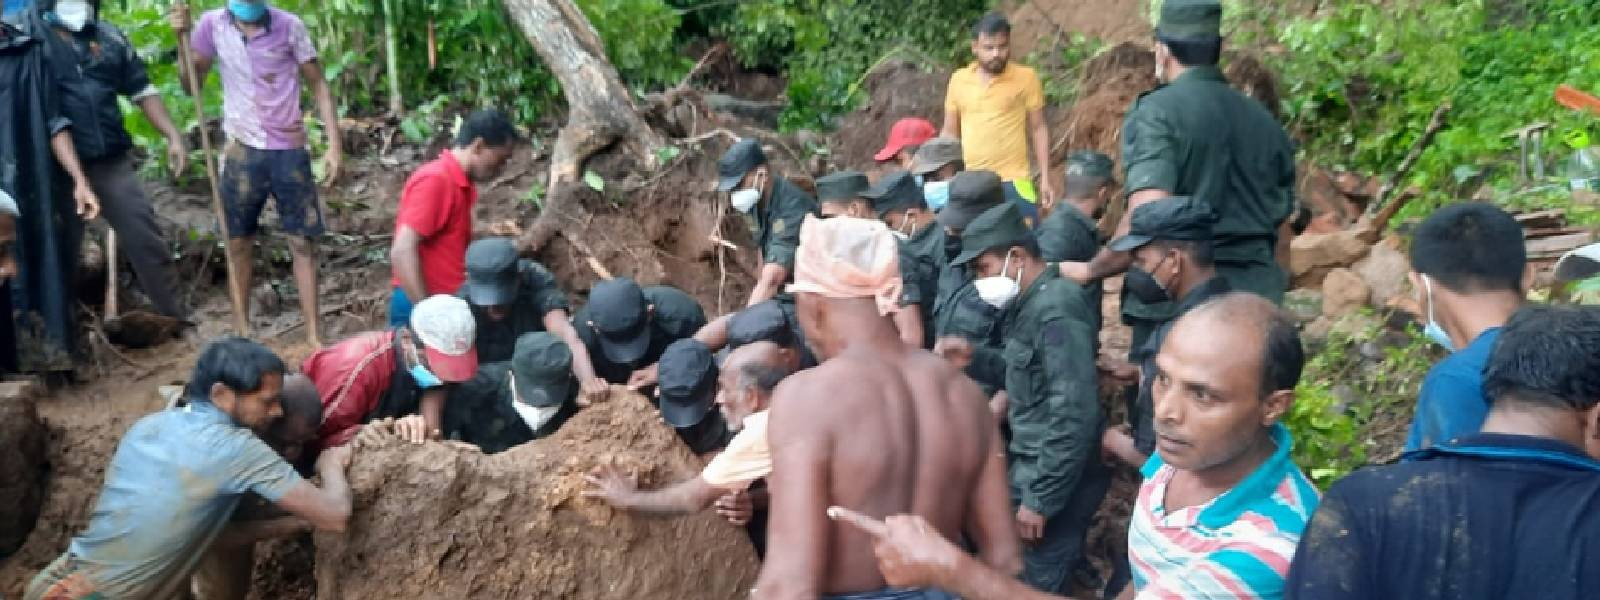 தொடரும் சீரற்ற வானிலை; அனர்த்தங்களில் சிக்கி 14 பேர் உயிரிழப்பு